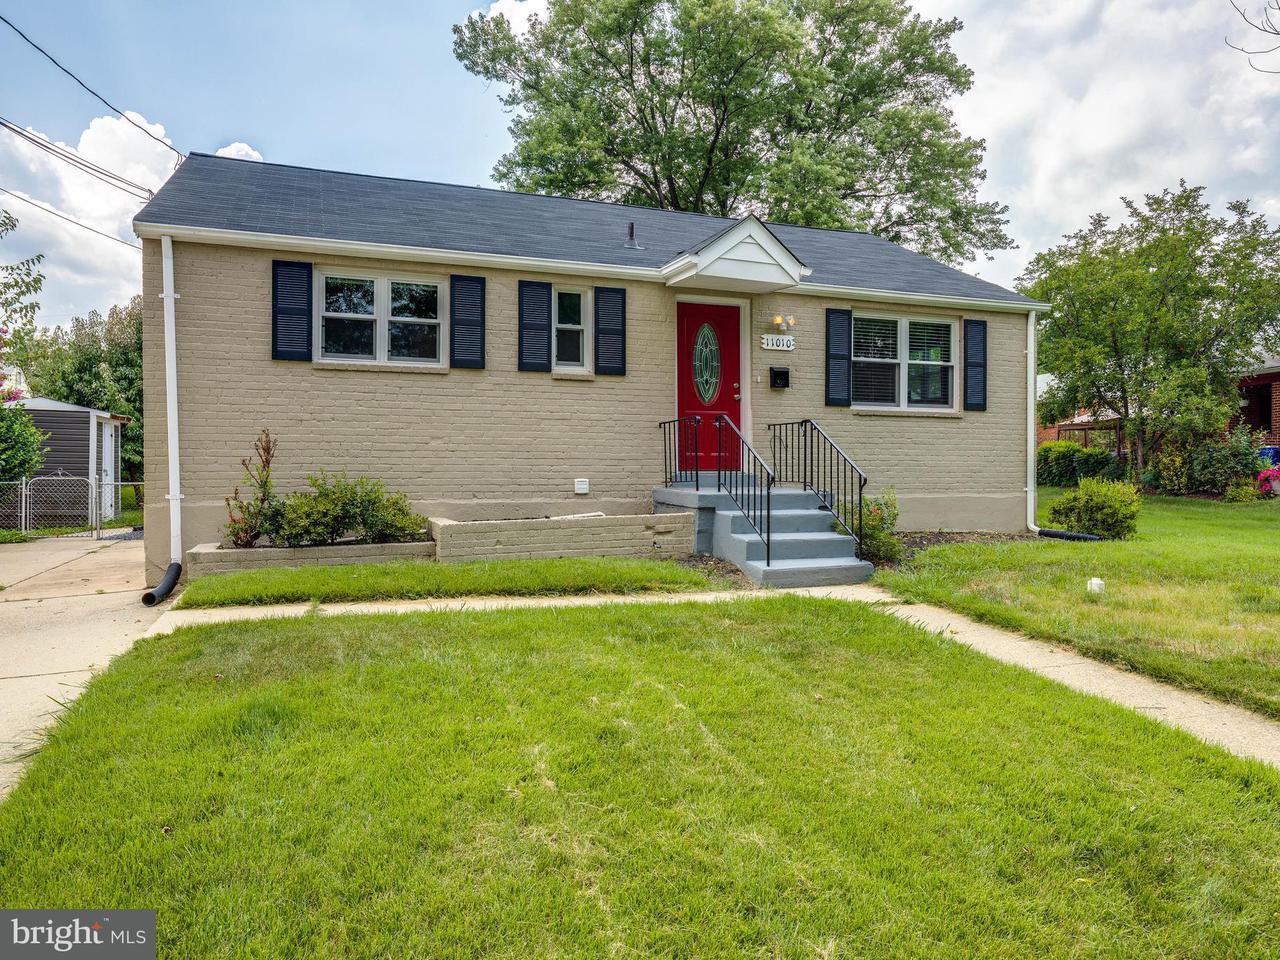 一戸建て のために 売買 アット 11010 BUCKNELL Drive 11010 BUCKNELL Drive Wheaton, メリーランド 20902 アメリカ合衆国